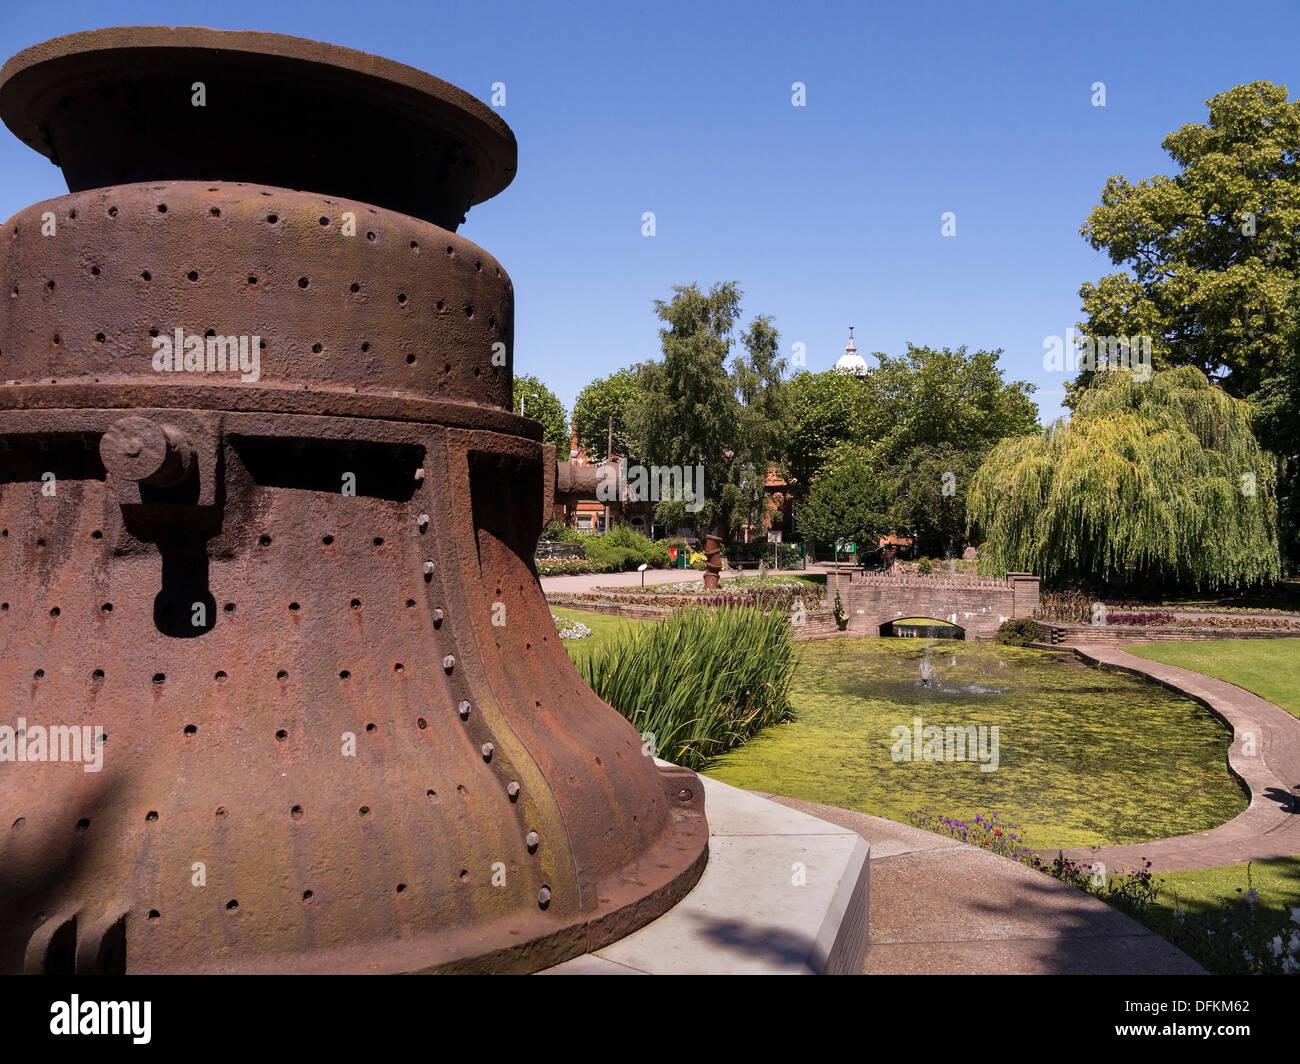 Gusseisen Glocke Gehäuse verwendet bei der Herstellung der große Paul Bell, die schwerste Glocke in der UK, Queen es Park, Loughborough. Stockbild